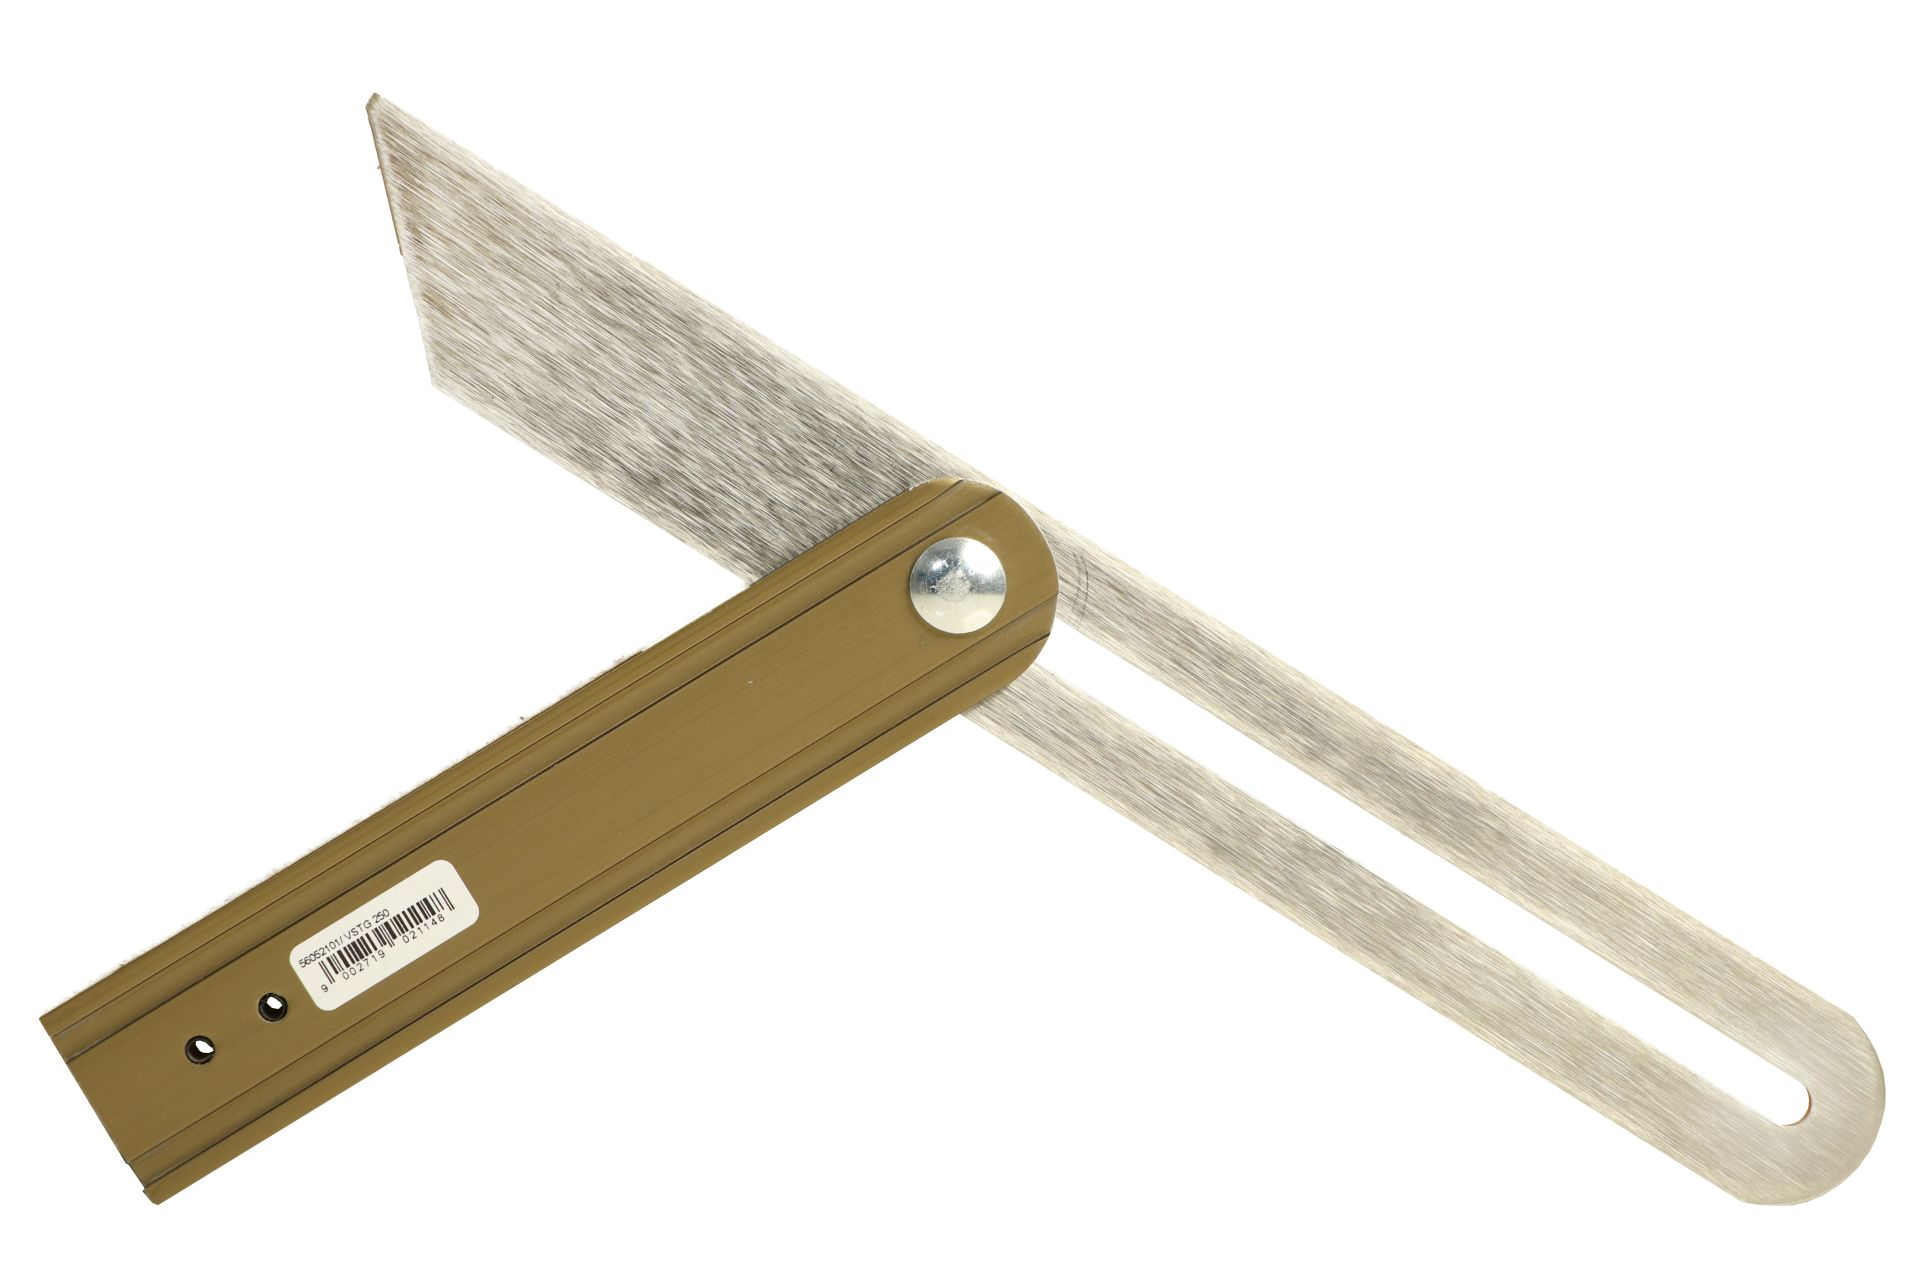 SOLA Schmiege, VSTG 250, mit Gradanzeige, Länge 250 mm